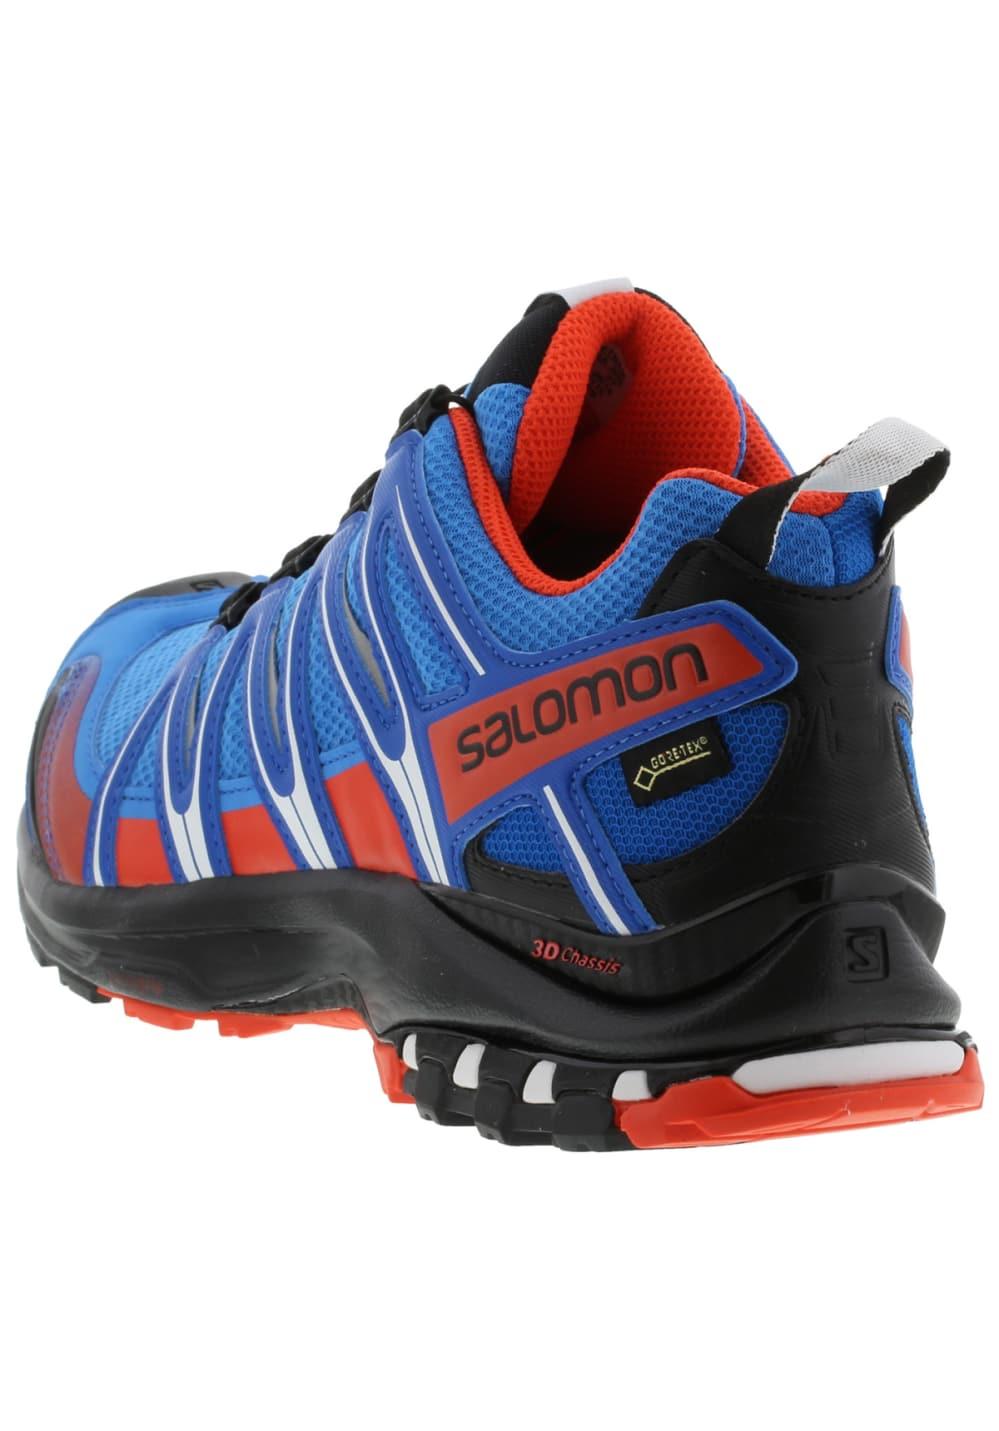 Xa Pro Pour Bleu Salomon Running 3d Homme Gtx Chaussures VUpqSzM